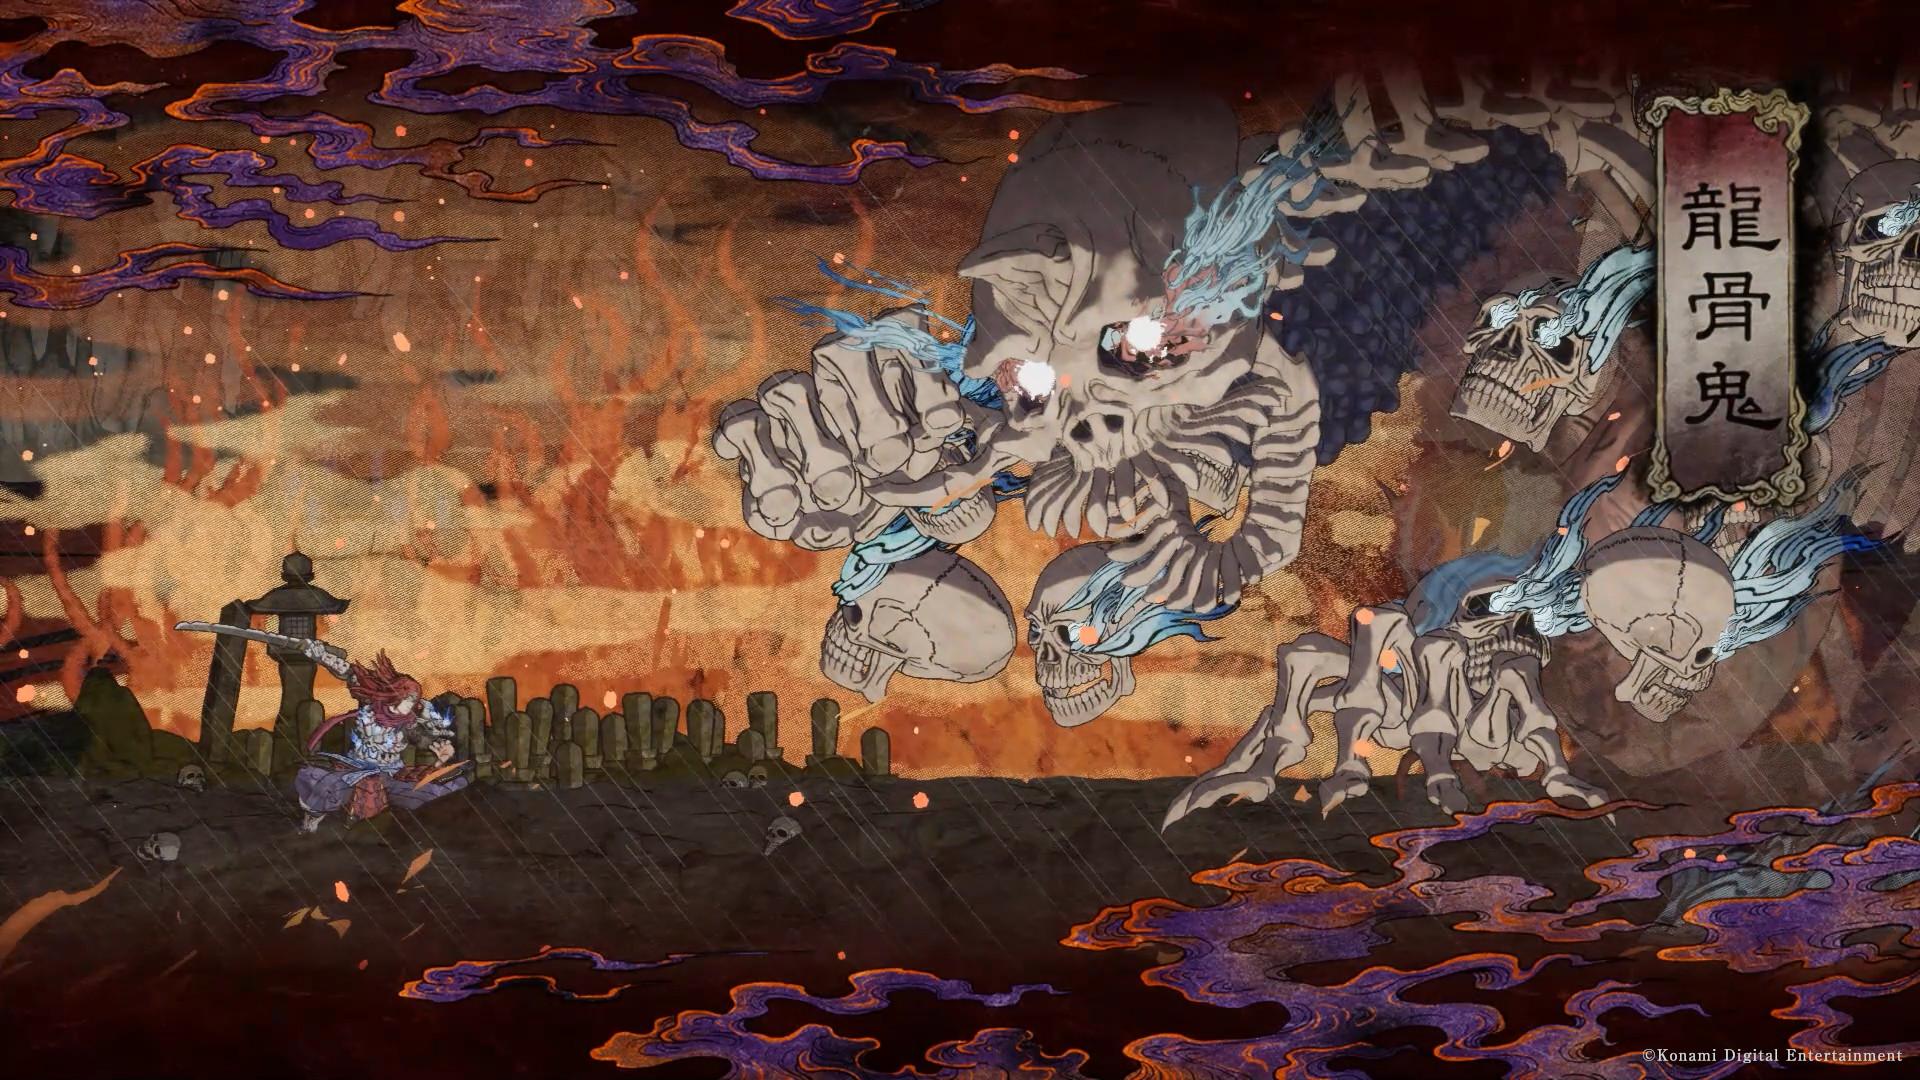 月风魔传:不死之月/GetsuFumaDen: Undying Moon(v0.3.8)